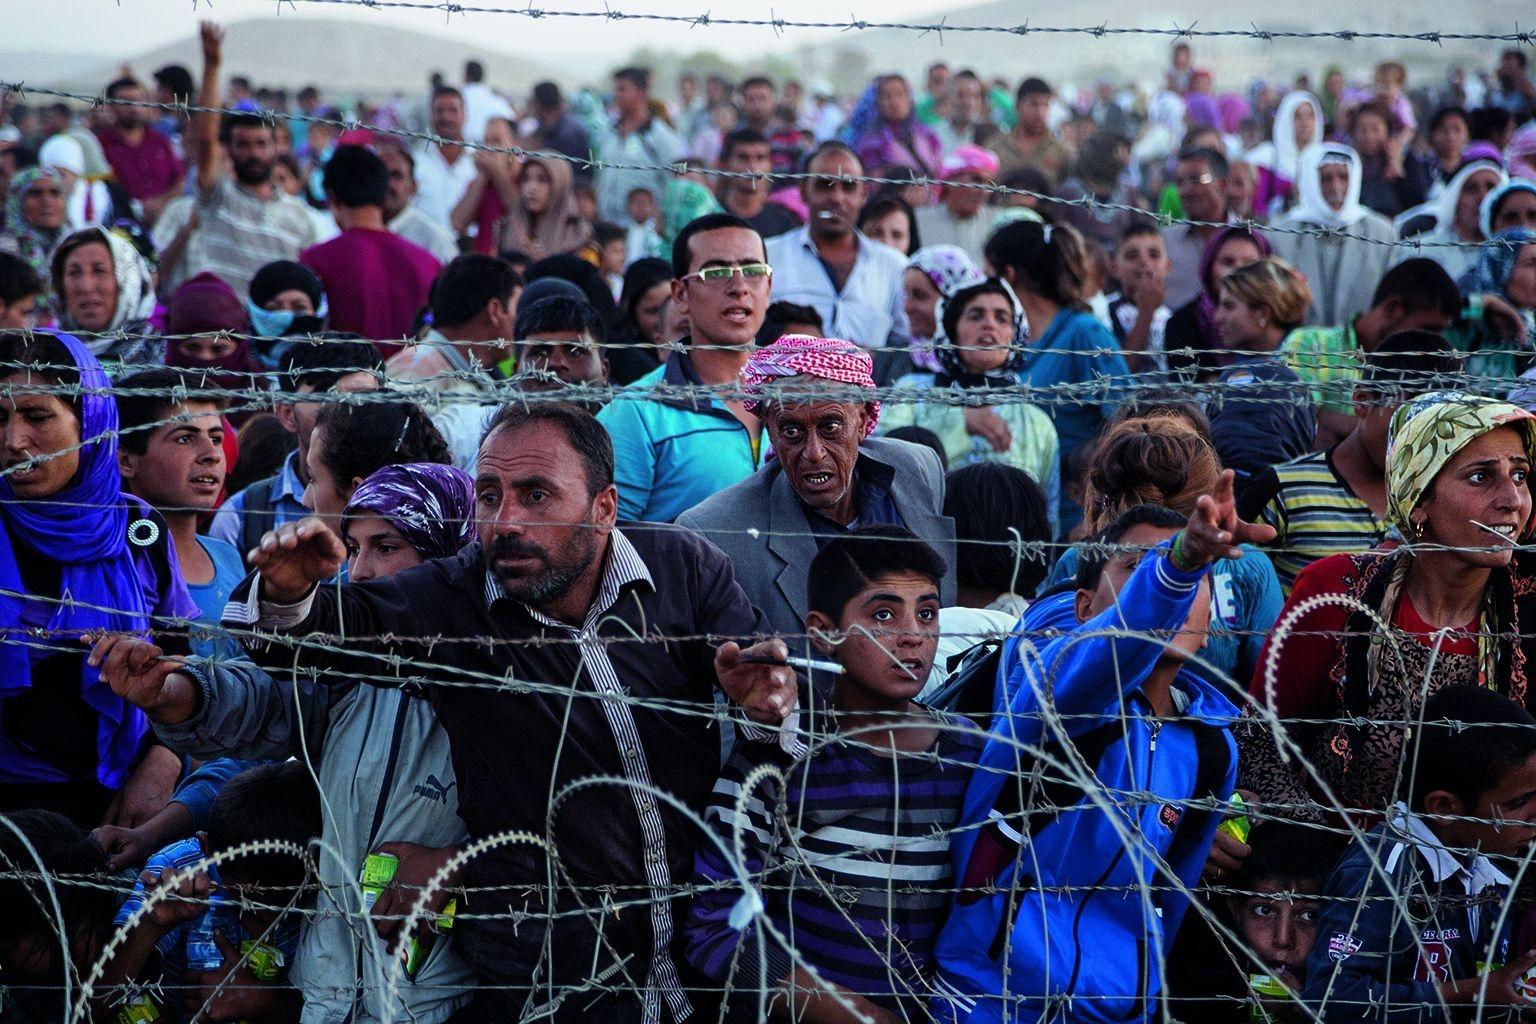 因為位於敘利亞艾因阿拉伯的家園遭到攻擊而出逃的庫德人,在土耳其邊境上的一片帶刺鐵絲網圍籬前推擠。攝影:約翰.史坦邁爾 John Stanmeyer